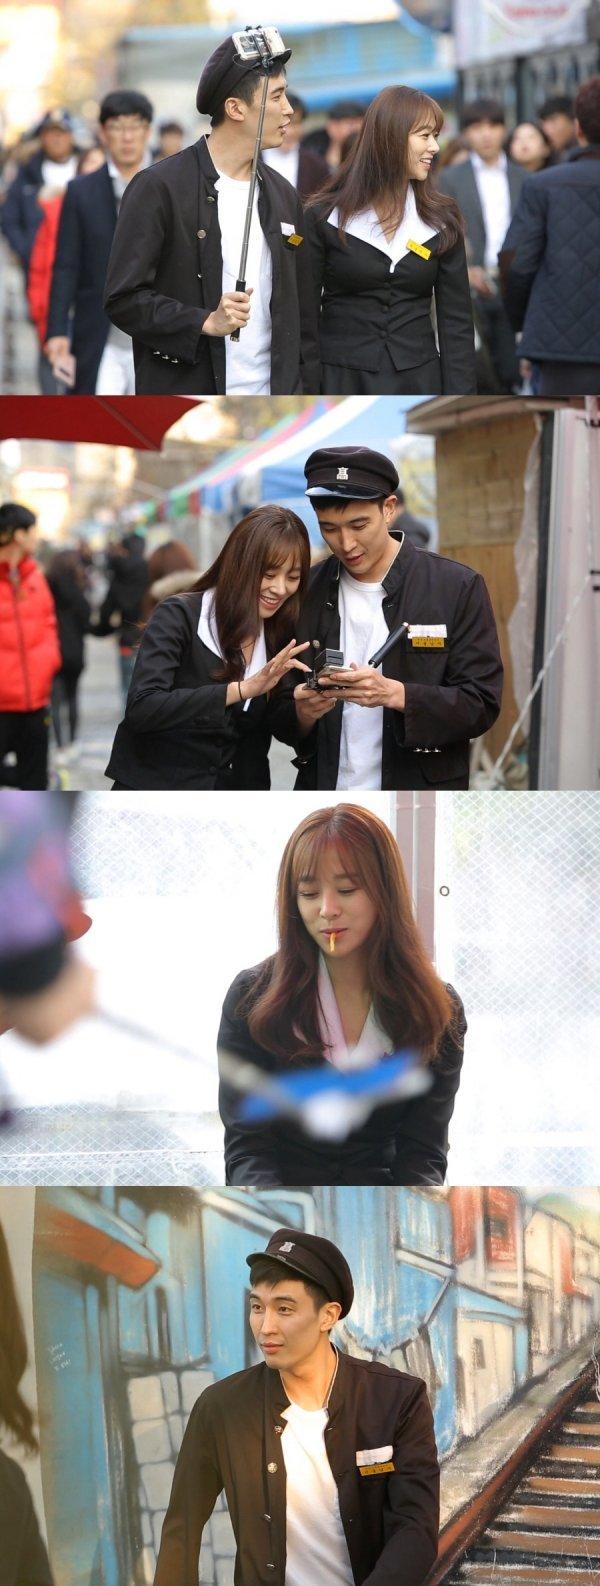 """[DAY컷] '너는 내 운명' 강경준♥장신영, 군산서 교복데이트 """"잘 사세요"""""""